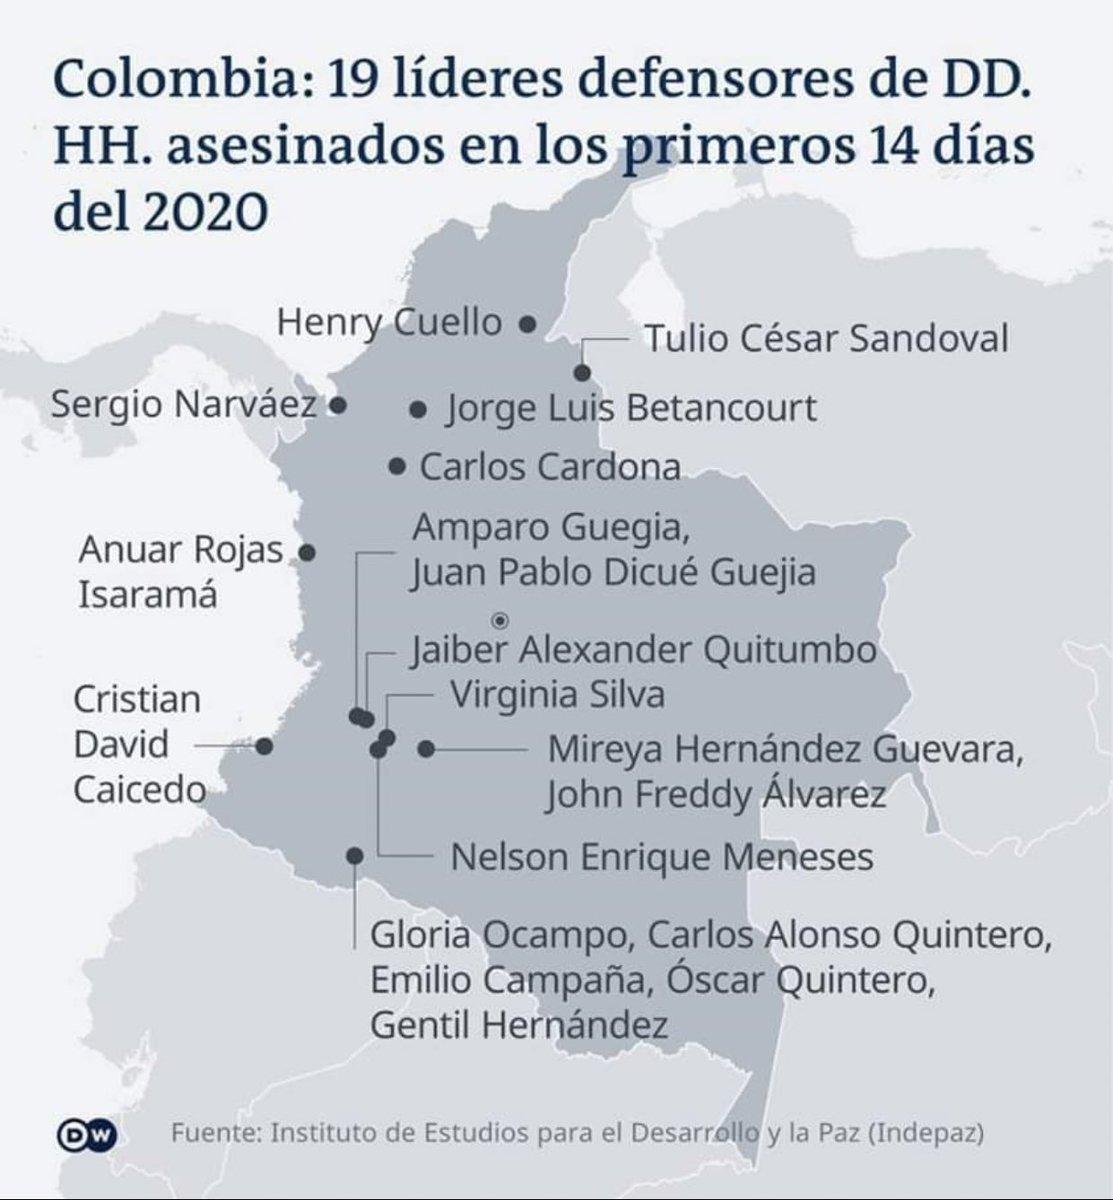 Colombia: 19 defensores de ddhh asesinados en los primeros 14 días del año. Y ayer el número 20. Yordan Tovar en Putumayo. PAREN EL GENOCIDIO!!!#NosEstánMatando @OEA_oficial @CIDH @cejil @Oidhaco  @JMVivancoHRW @amnistiaespana